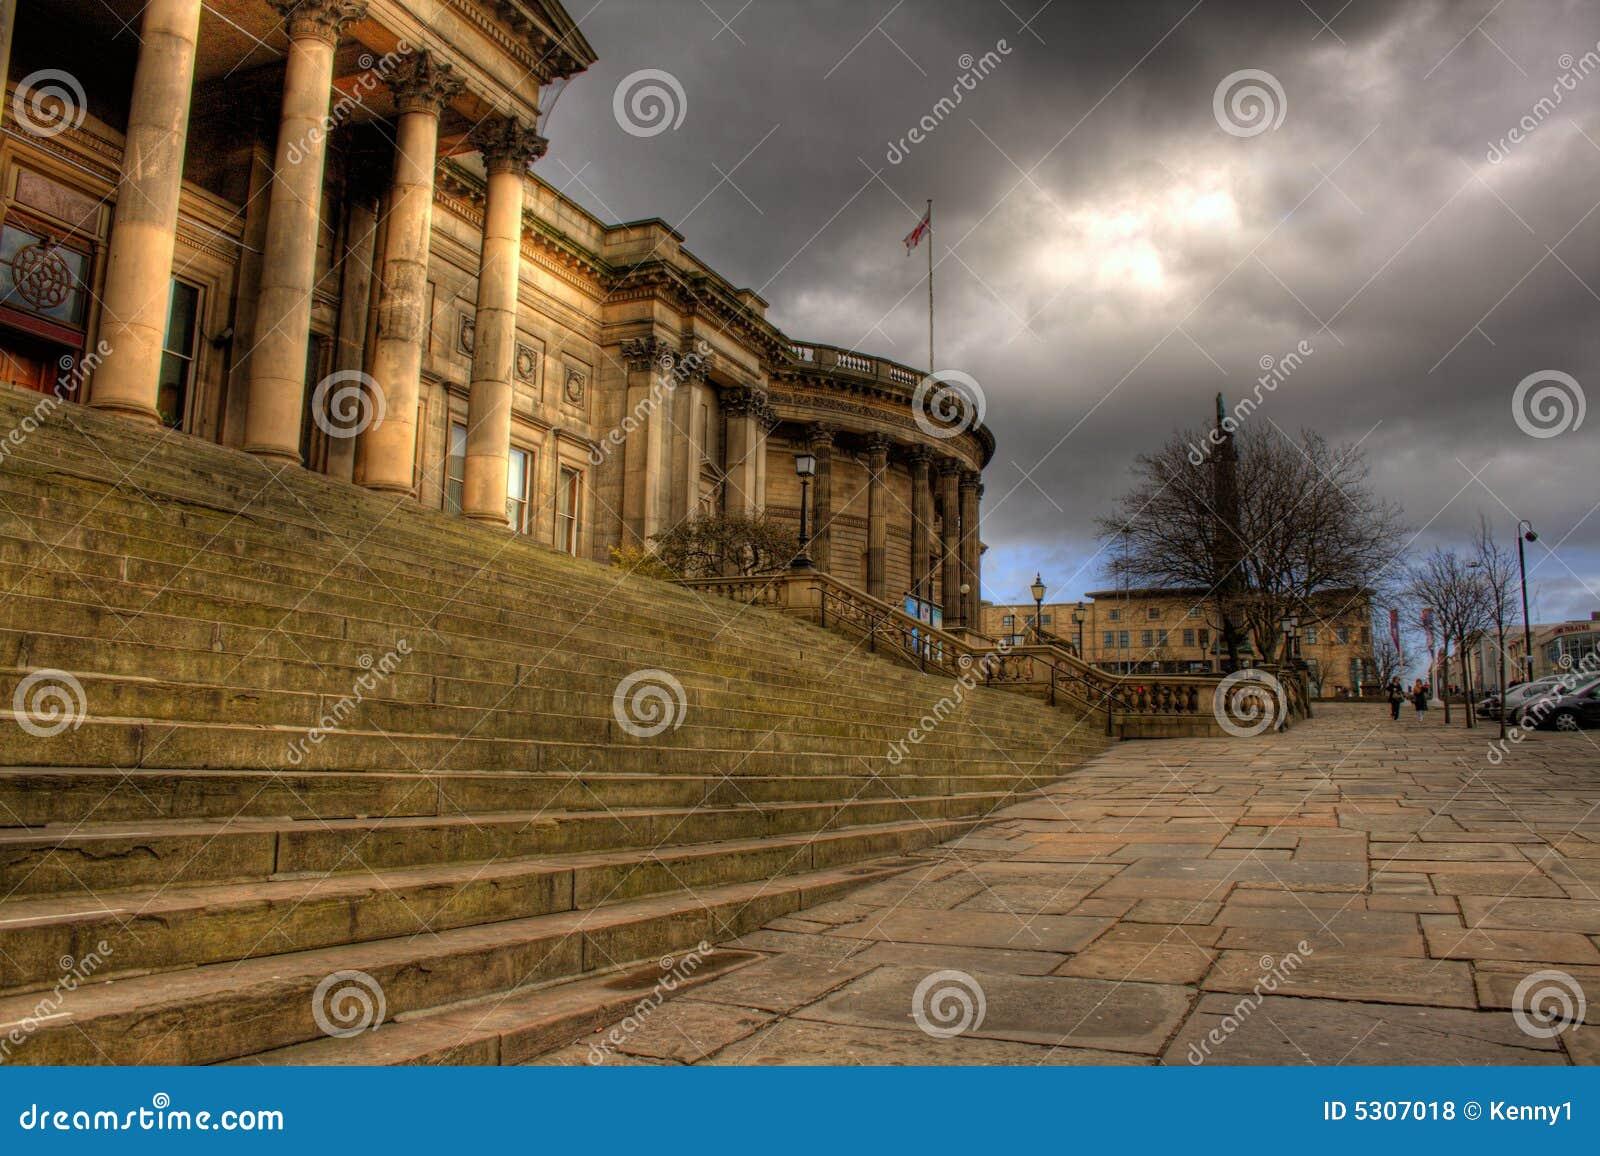 Download Immagine Di HDR Della Libreria Centrale Di Liverpool Fotografia Stock - Immagine di sala, governo: 5307018